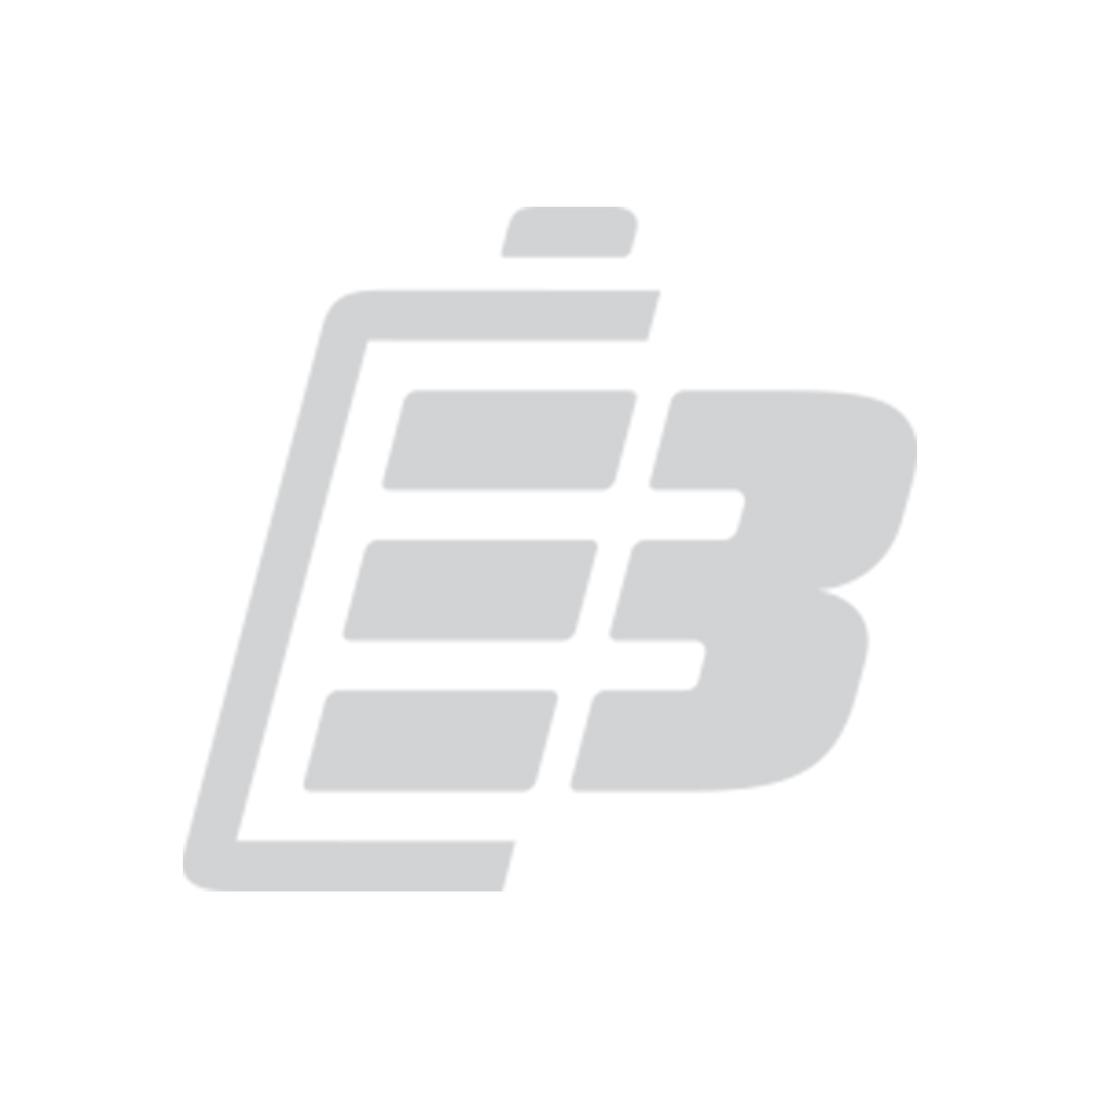 Μπαταρία ασύρματων ακουστικών Sennheiser A200_1